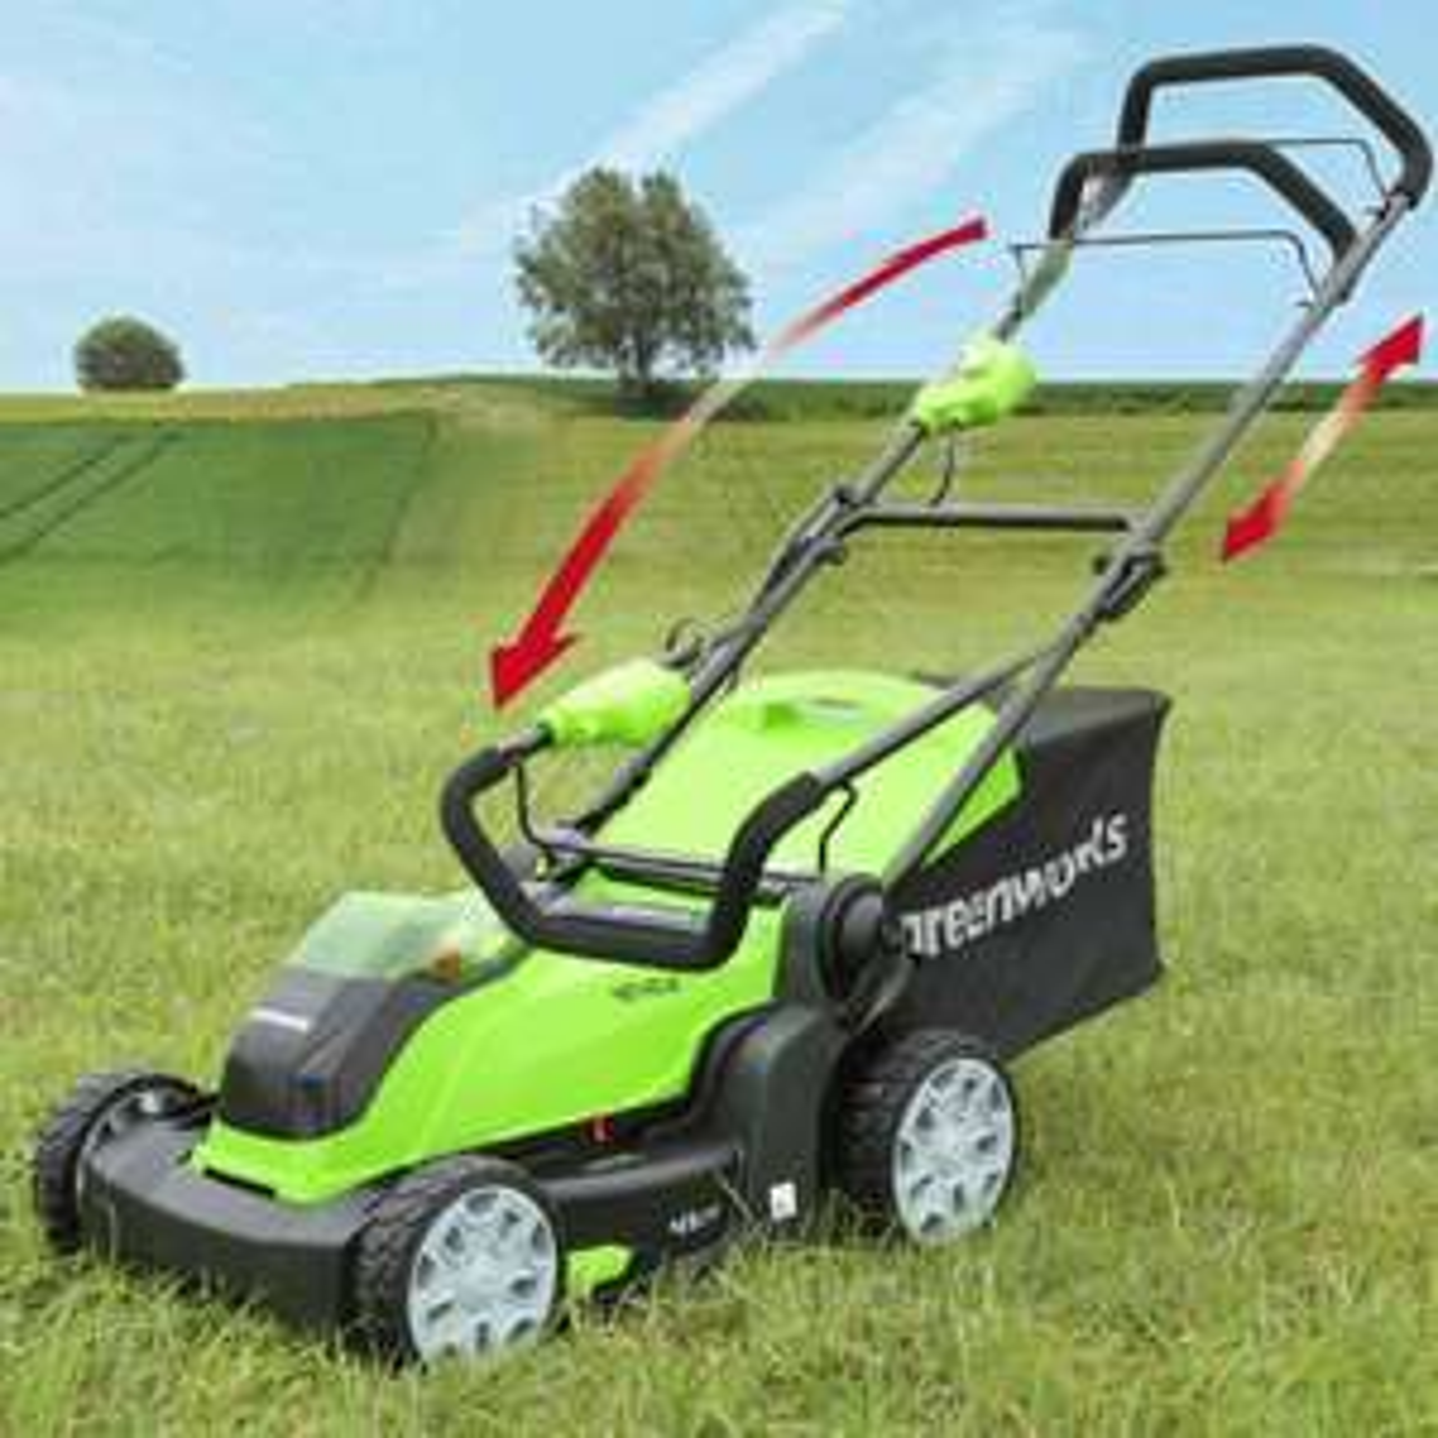 Tondeuse à batterie Greenworks G40LM41 - 40V, coupe 41 cm (sans batterie ni chargeur)